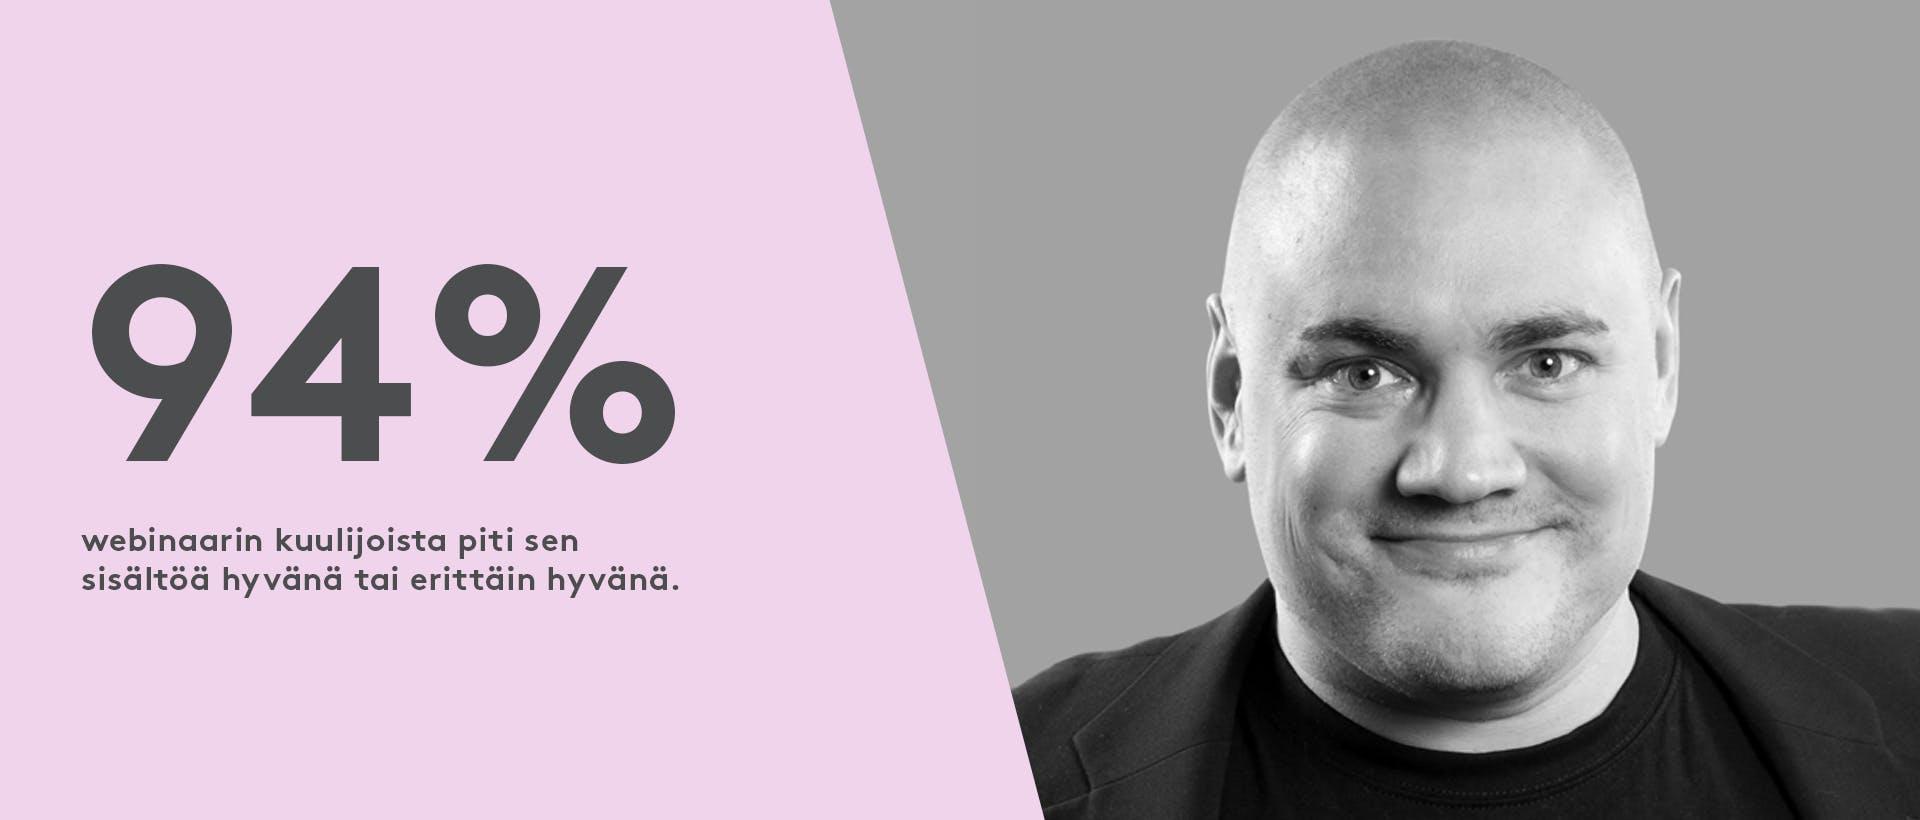 Enemmän irti verkkosivujen analytiikasta -webinaarin katselijoista 94 % piti webinaarin sisältöä hyvänä tai erittäin hyvänä. Mustavalkokuvassa webinaarin puhuja Petri Mertanen.